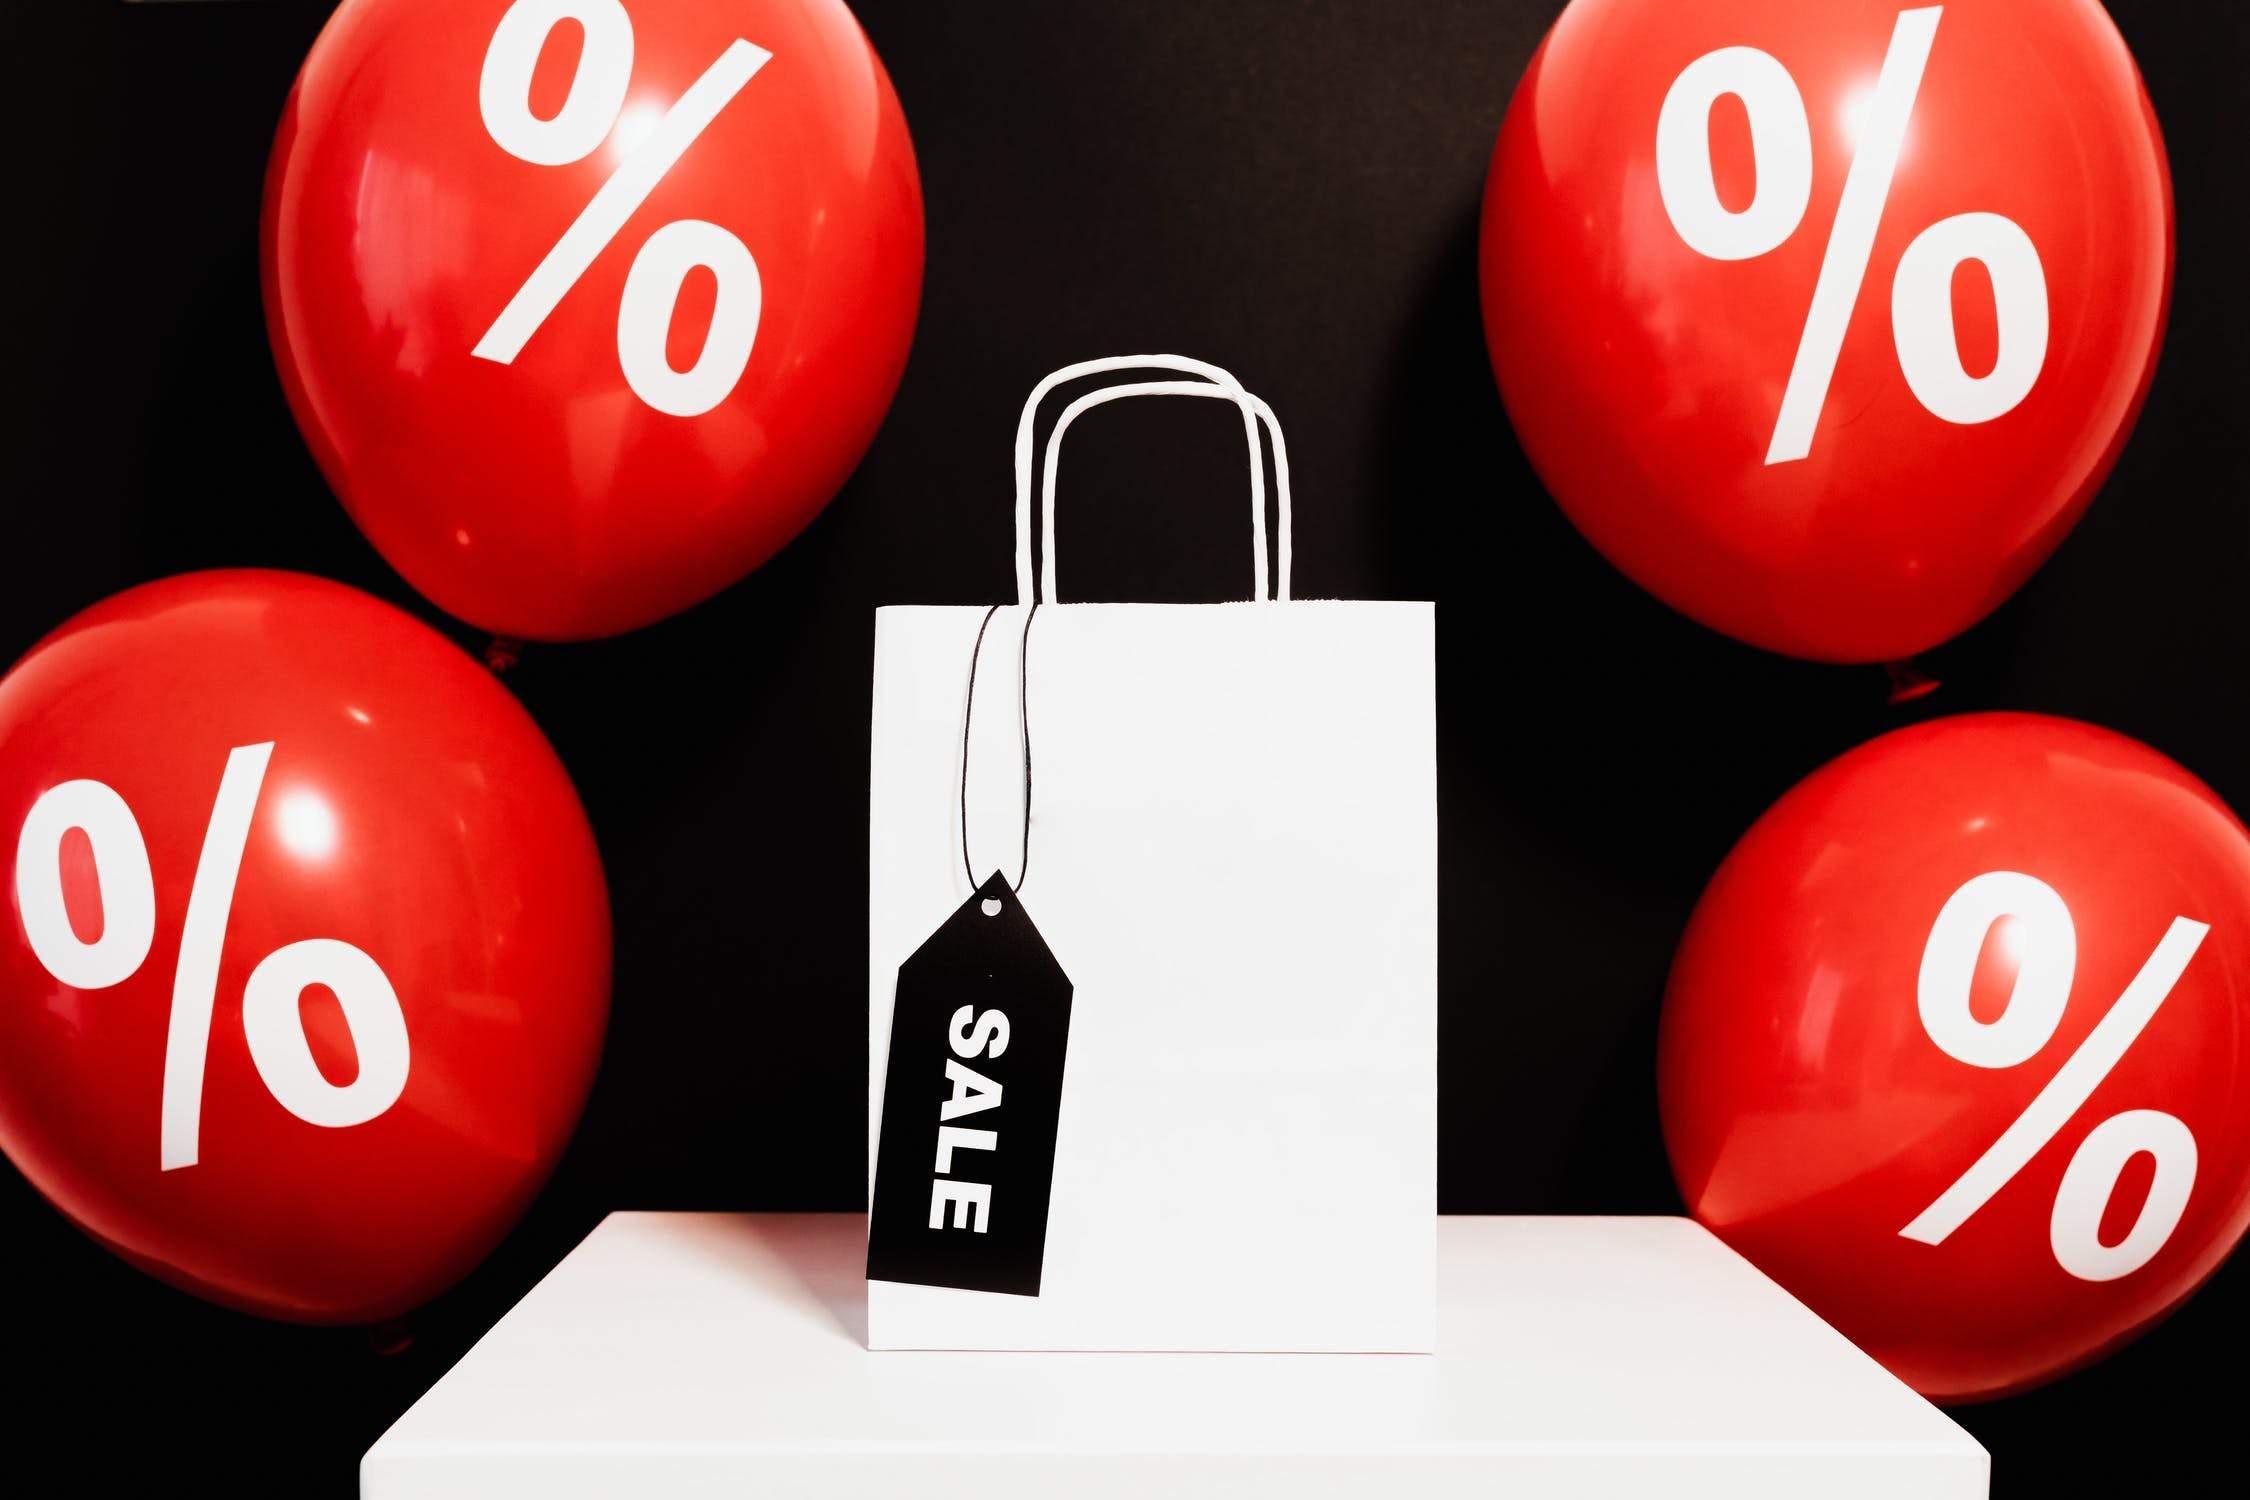 yescomusa sales, rewards program, black friday 2020